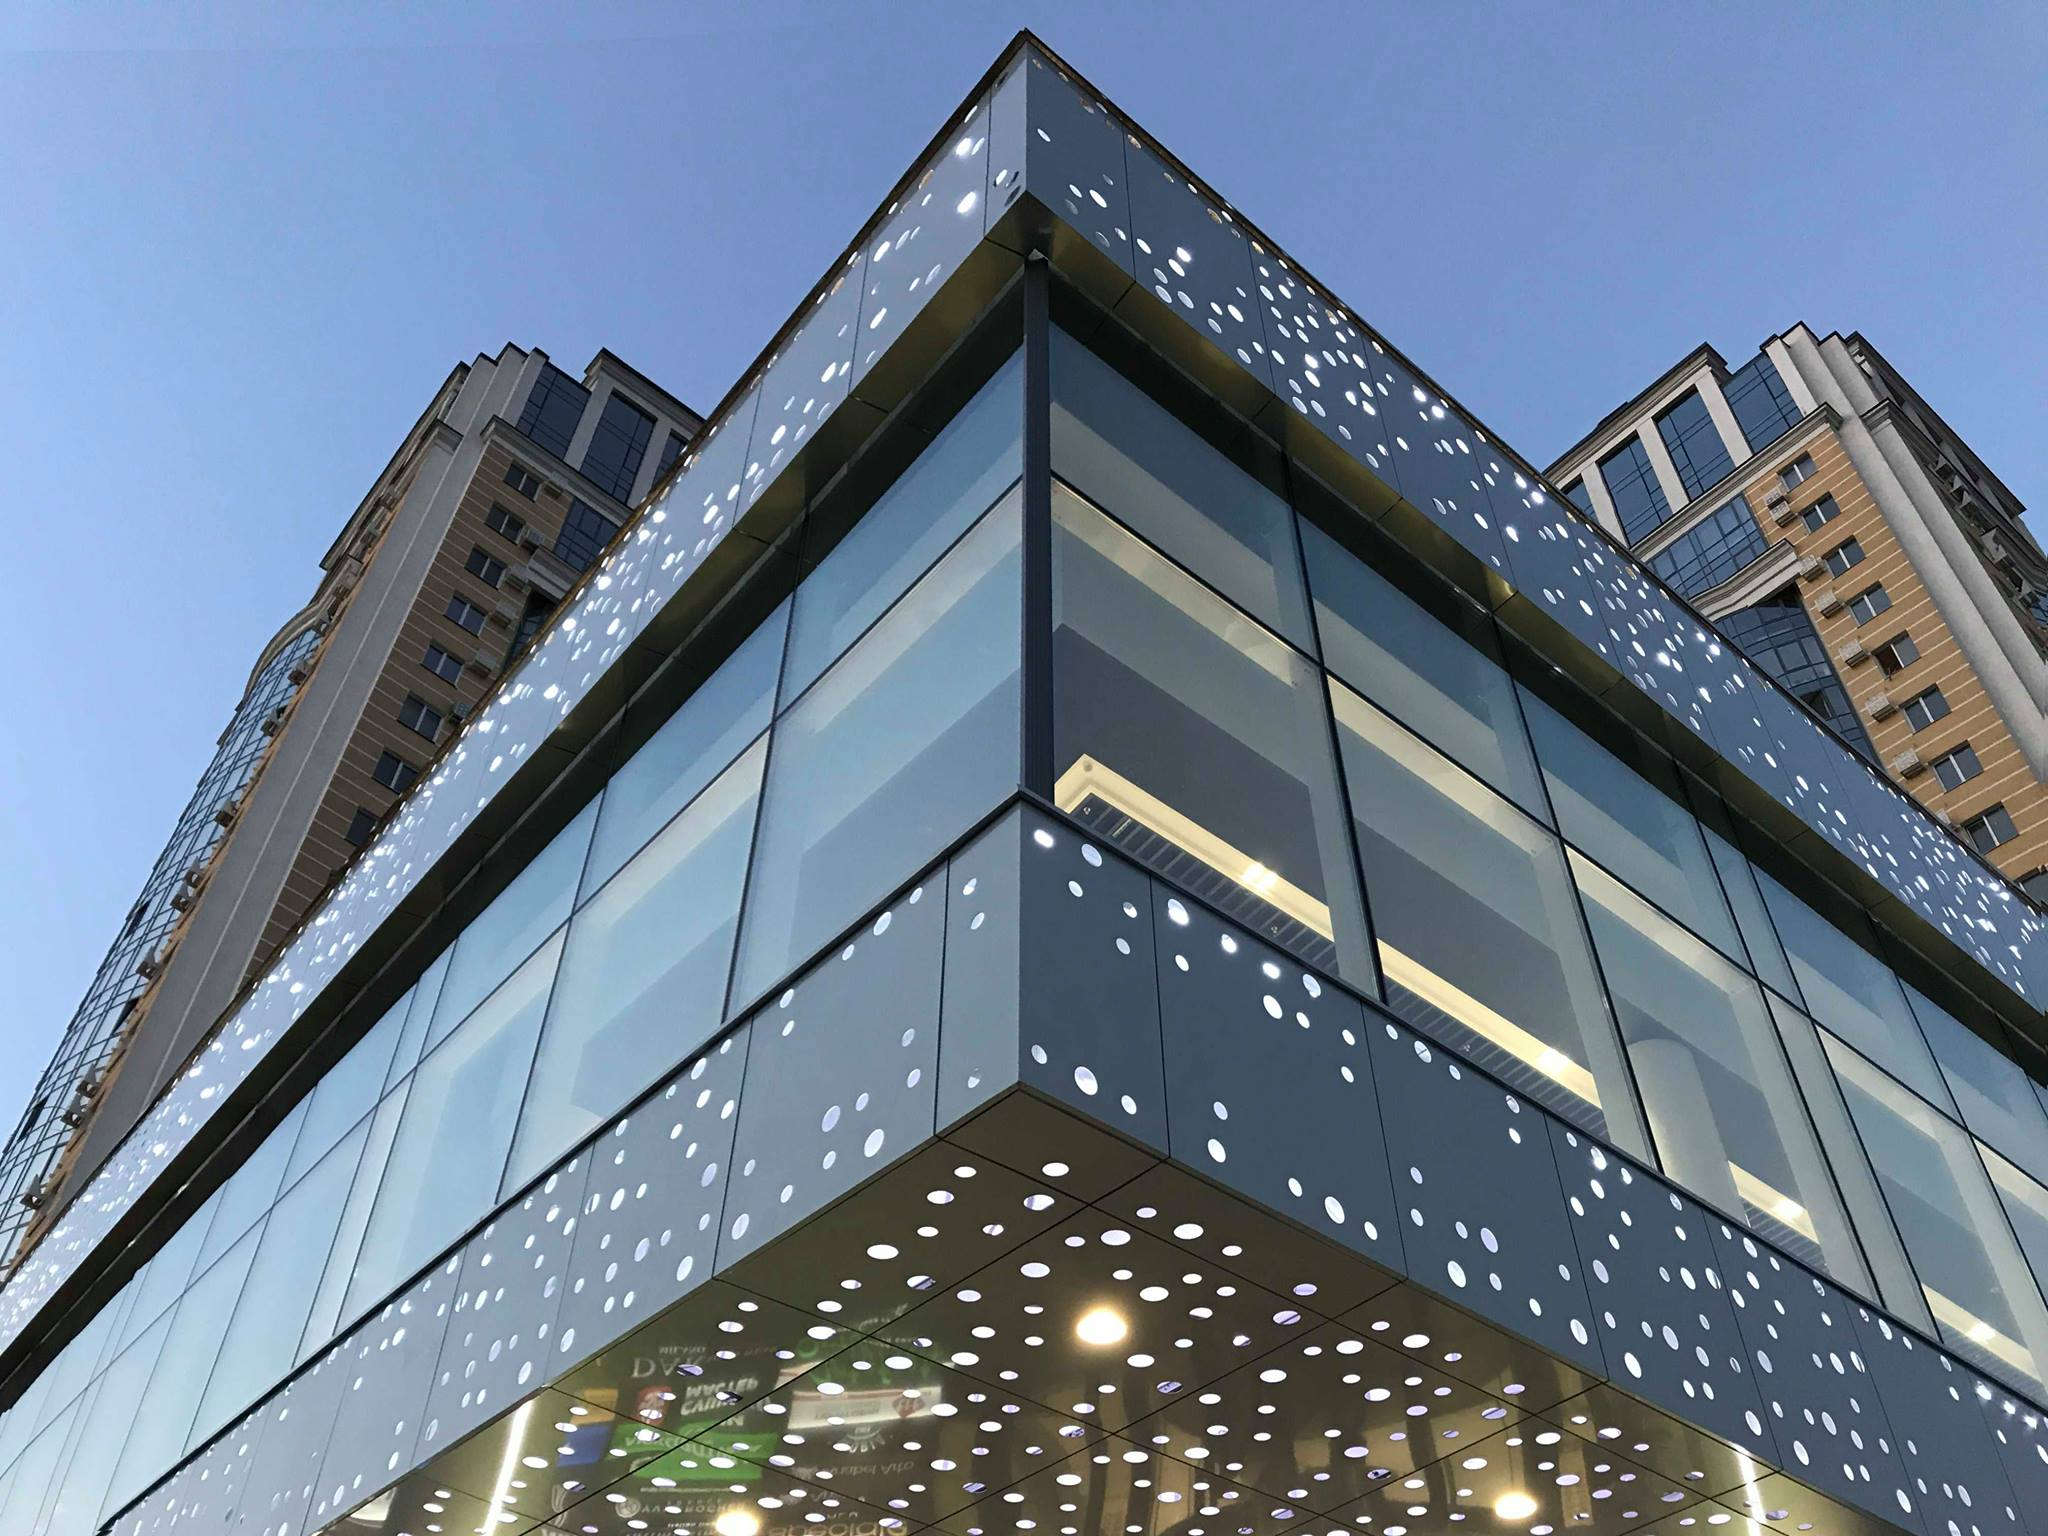 <h1>Системи кріплення вентильованих фасадів</h1>